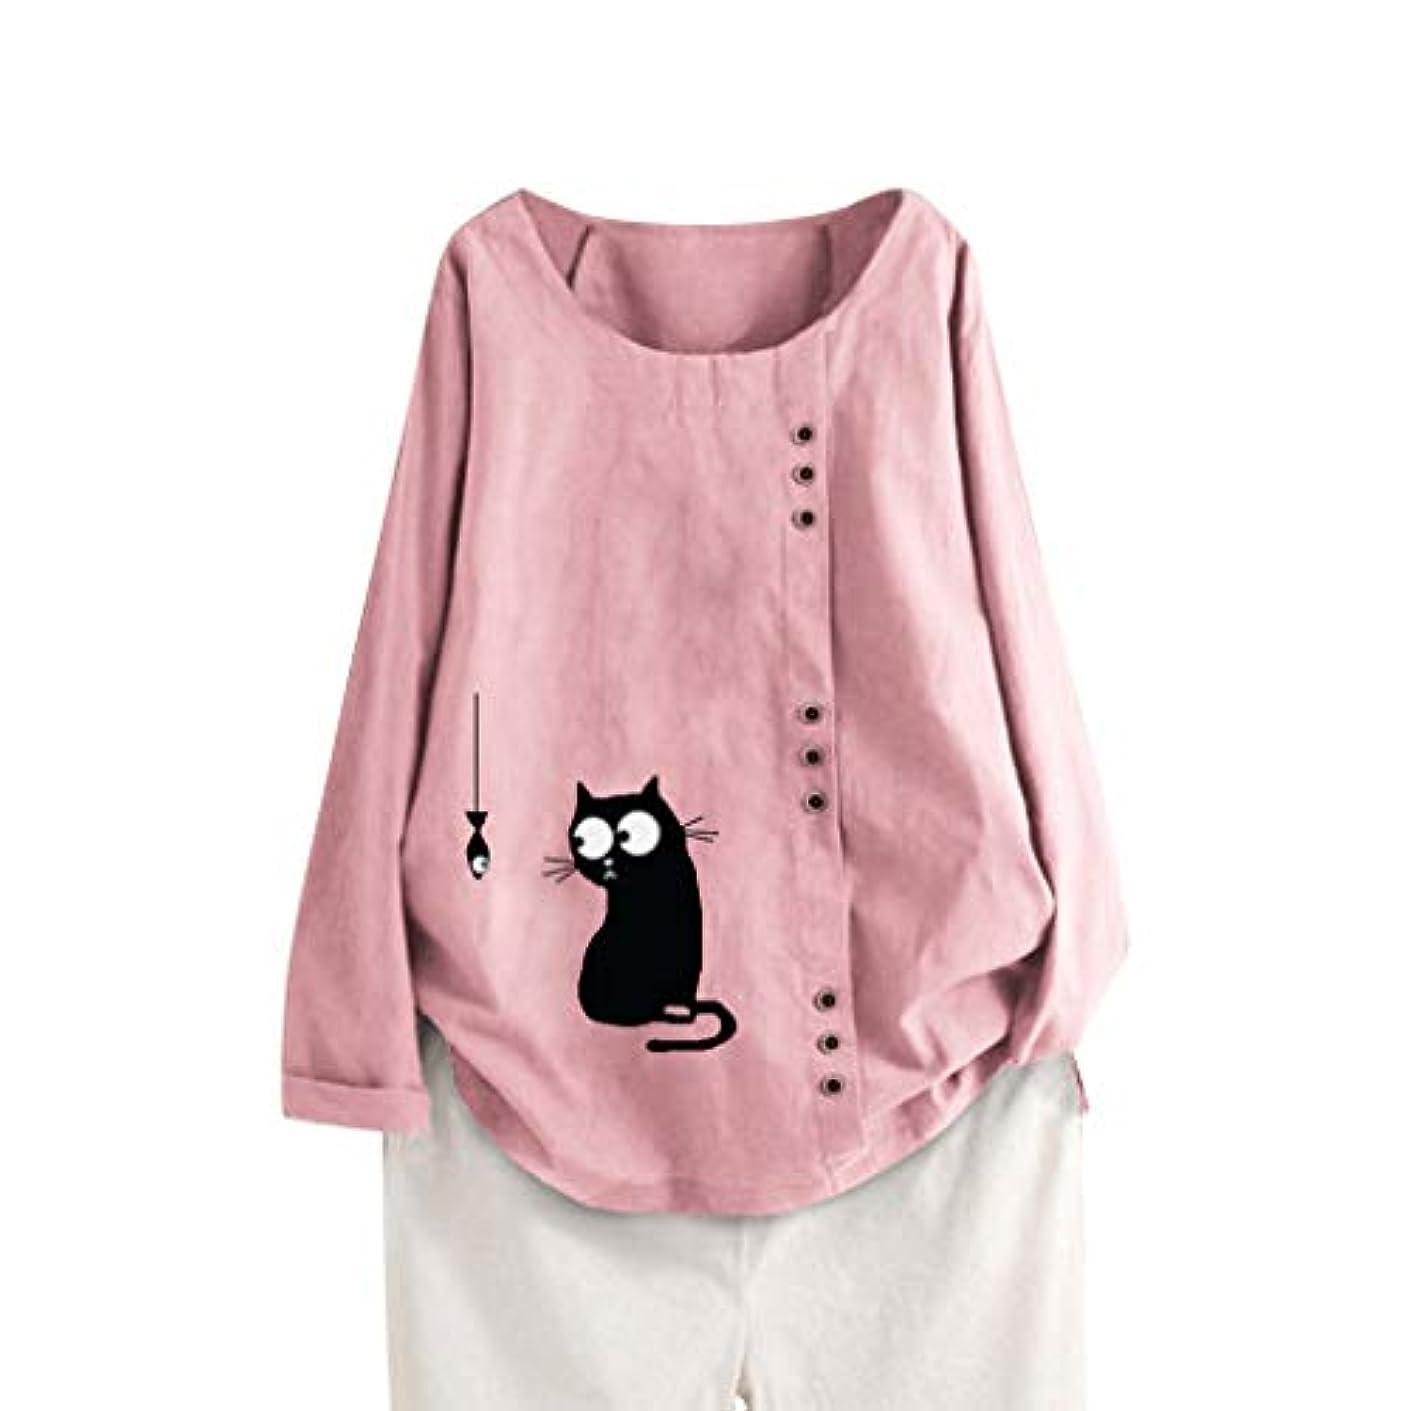 リラックスソロ質量Aguleaph レディース Tシャツ おおきいサイズ 長袖 コットンとリネン 花柄 トップス 学生 洋服 お出かけ ワイシャツ 流行り ブラウス 快適な 軽い 柔らかい かっこいい カジュアル シンプル オシャレ 春夏秋